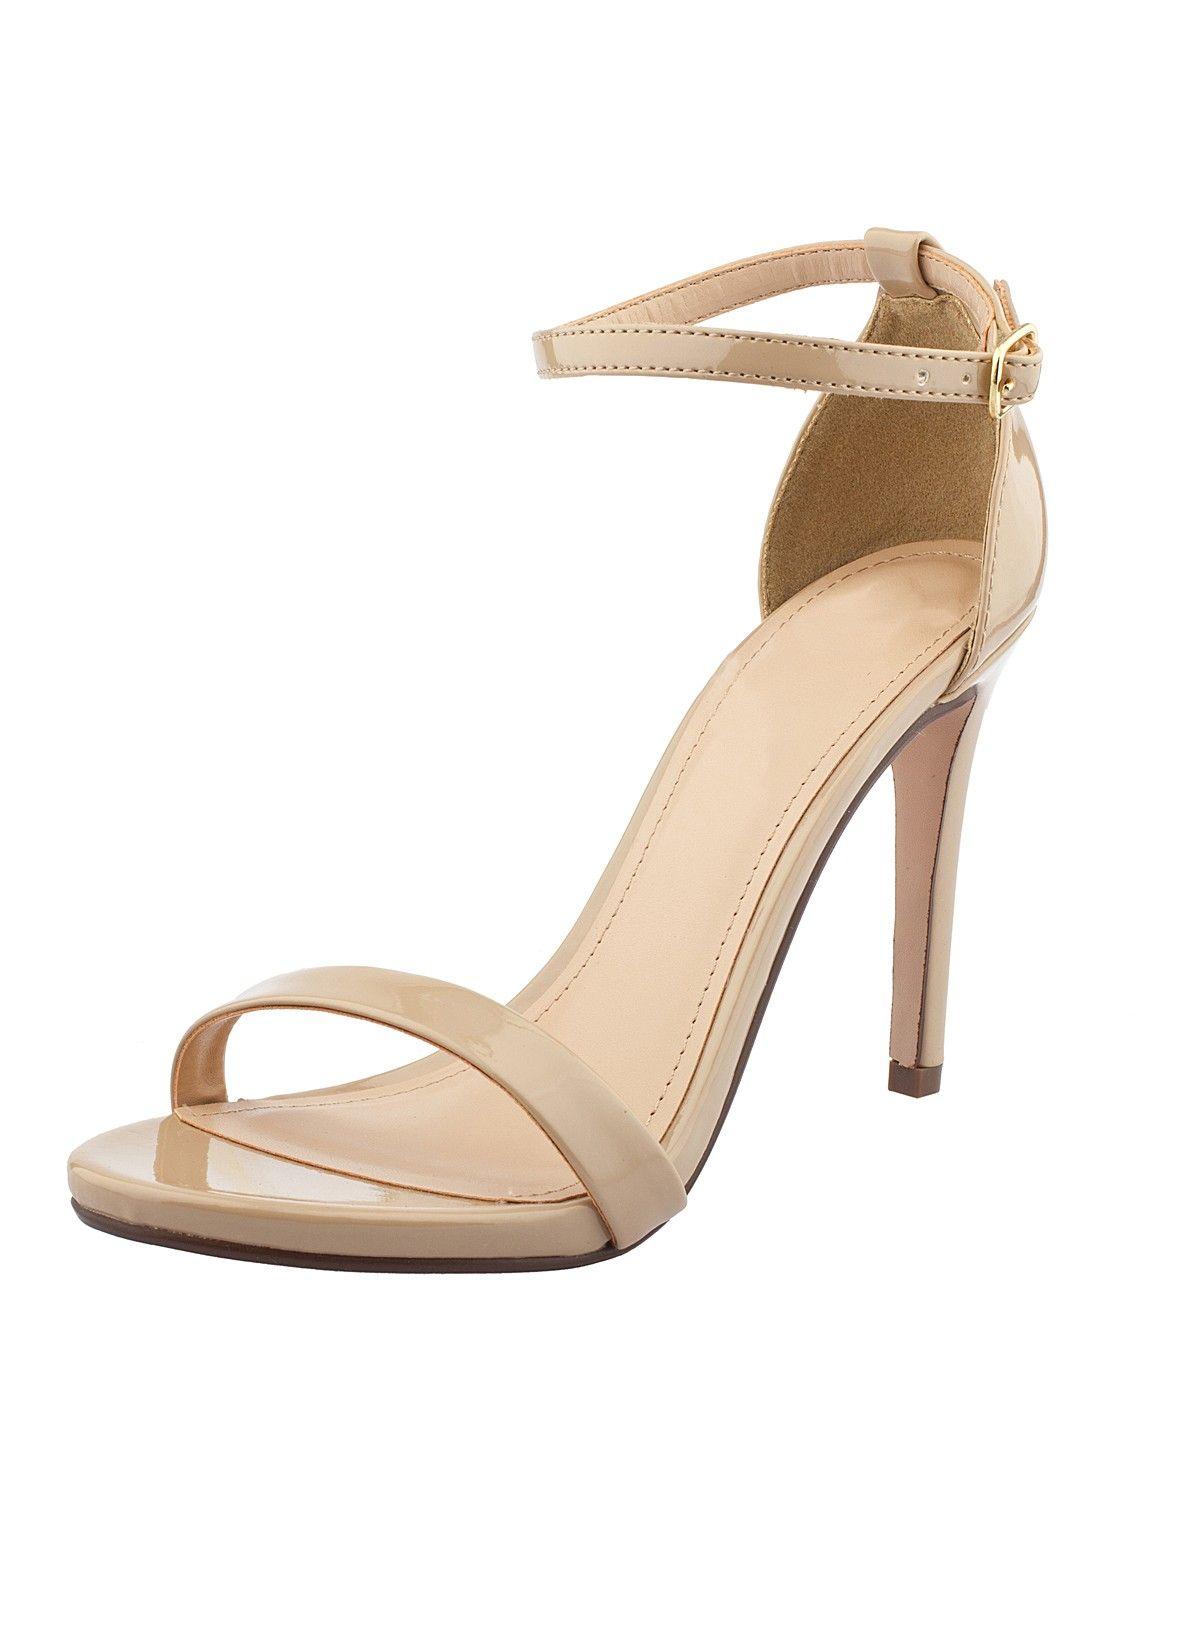 0b7ce2dd1199 Shop Prima Donna - Montenegro Ankle Strap Sandals Dark Beige Patent at Prima  donna